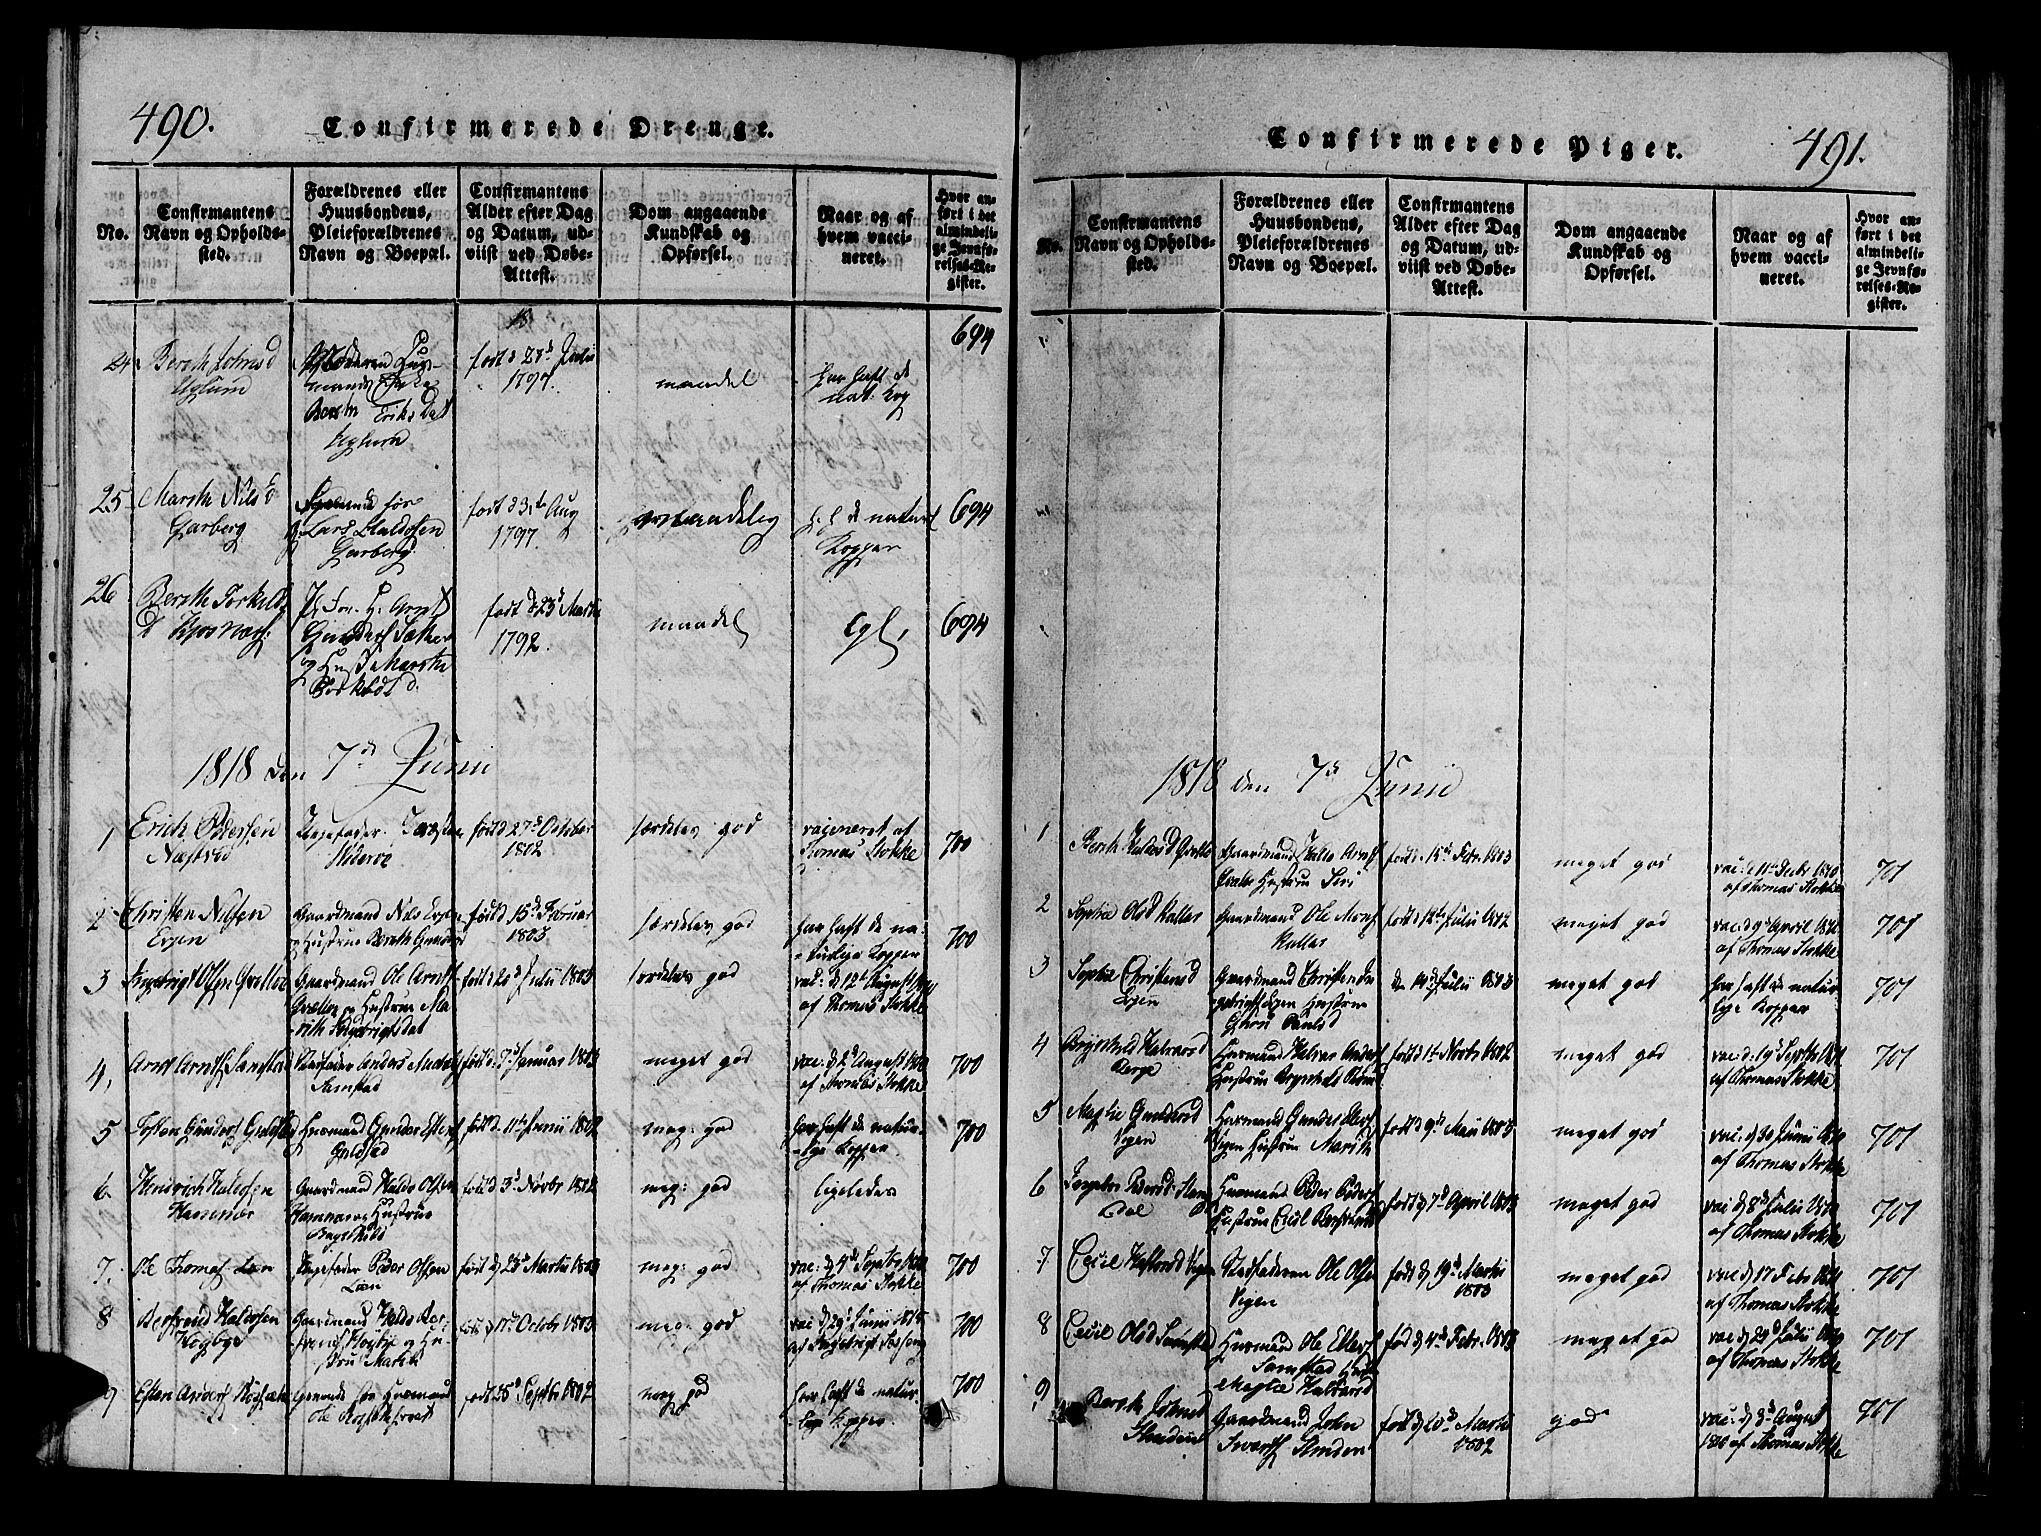 SAT, Ministerialprotokoller, klokkerbøker og fødselsregistre - Sør-Trøndelag, 695/L1141: Ministerialbok nr. 695A04 /1, 1816-1824, s. 490-491